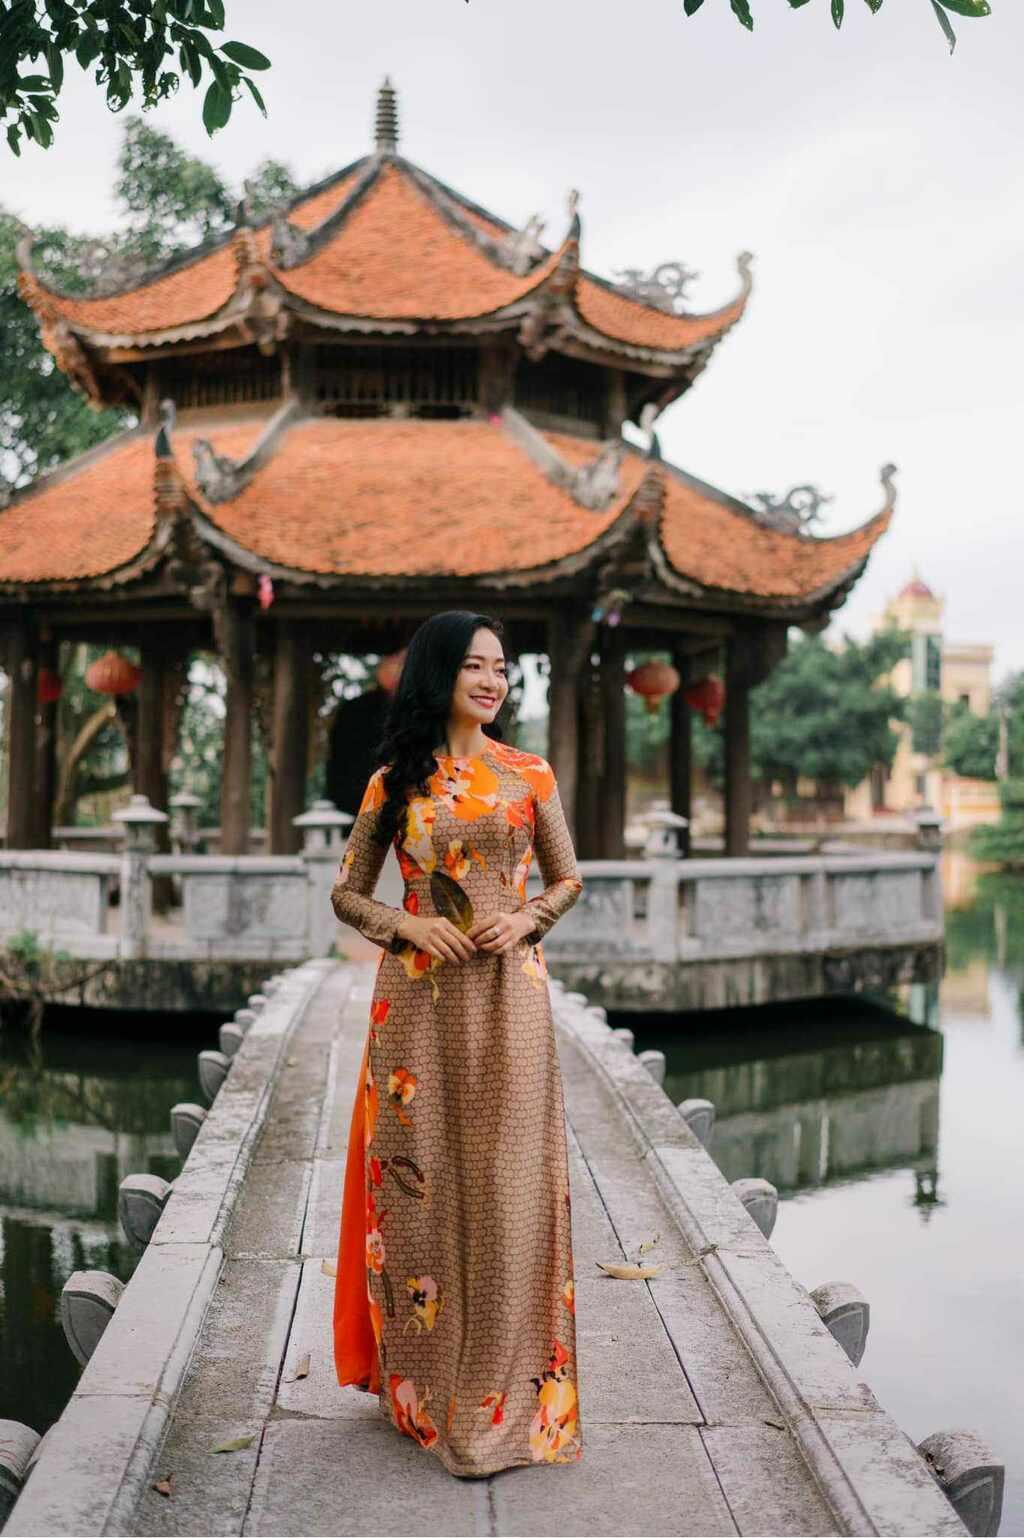 U50 quanh năm mực thước với áo dài vì tôn thờ vẻ đẹp cốt cách người Hà Nội - ảnh 8